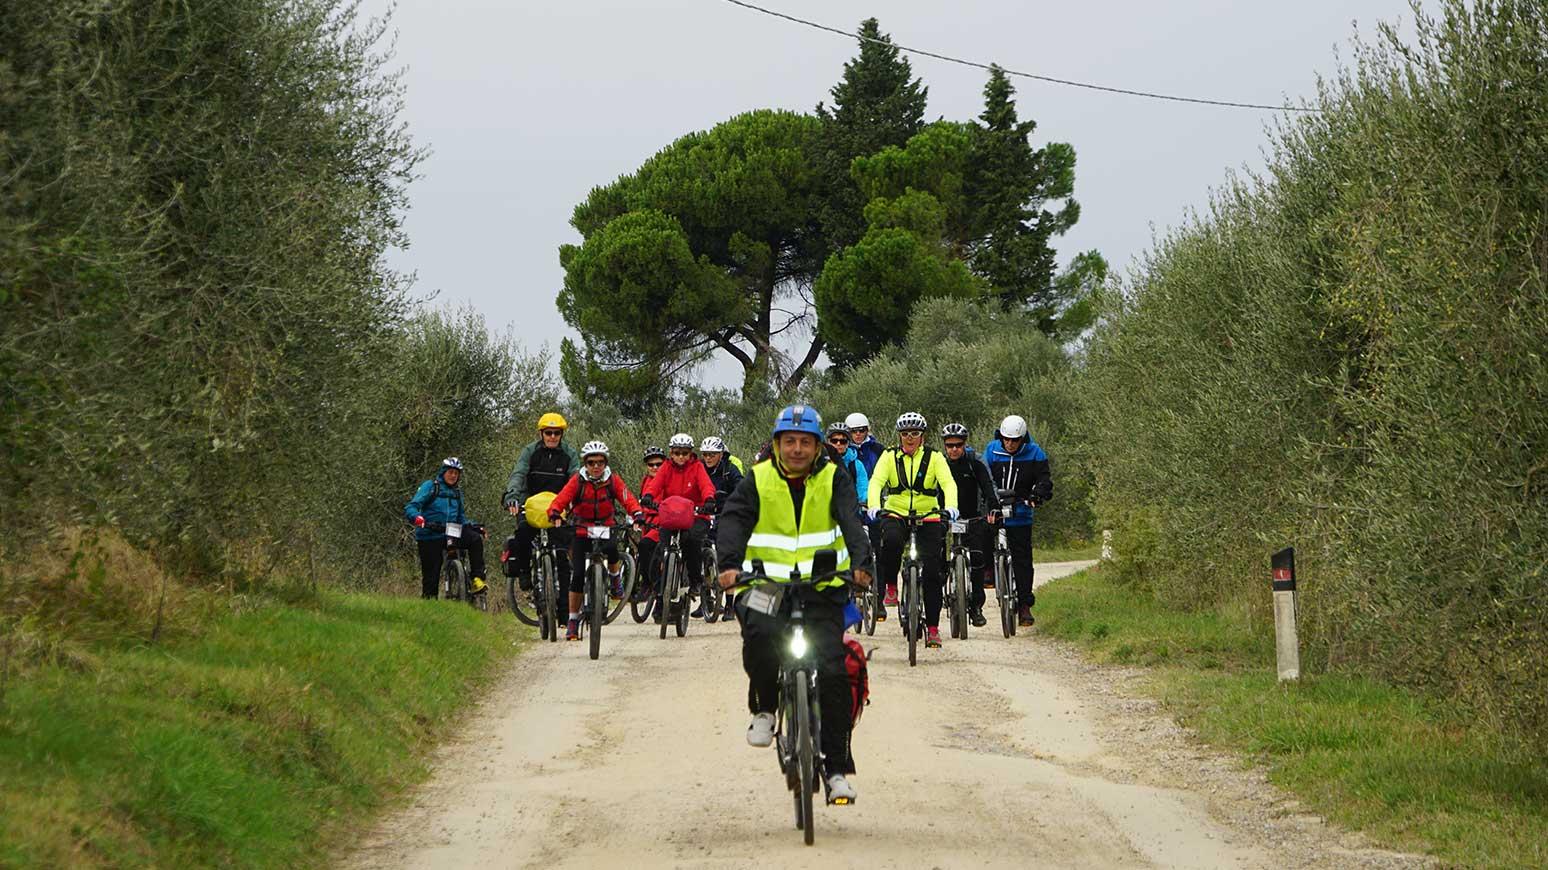 Toskana Radreise: Deutschsprachige Guides führen die Gruppen an - 2018 ist auch der Chefredakteur dabei.